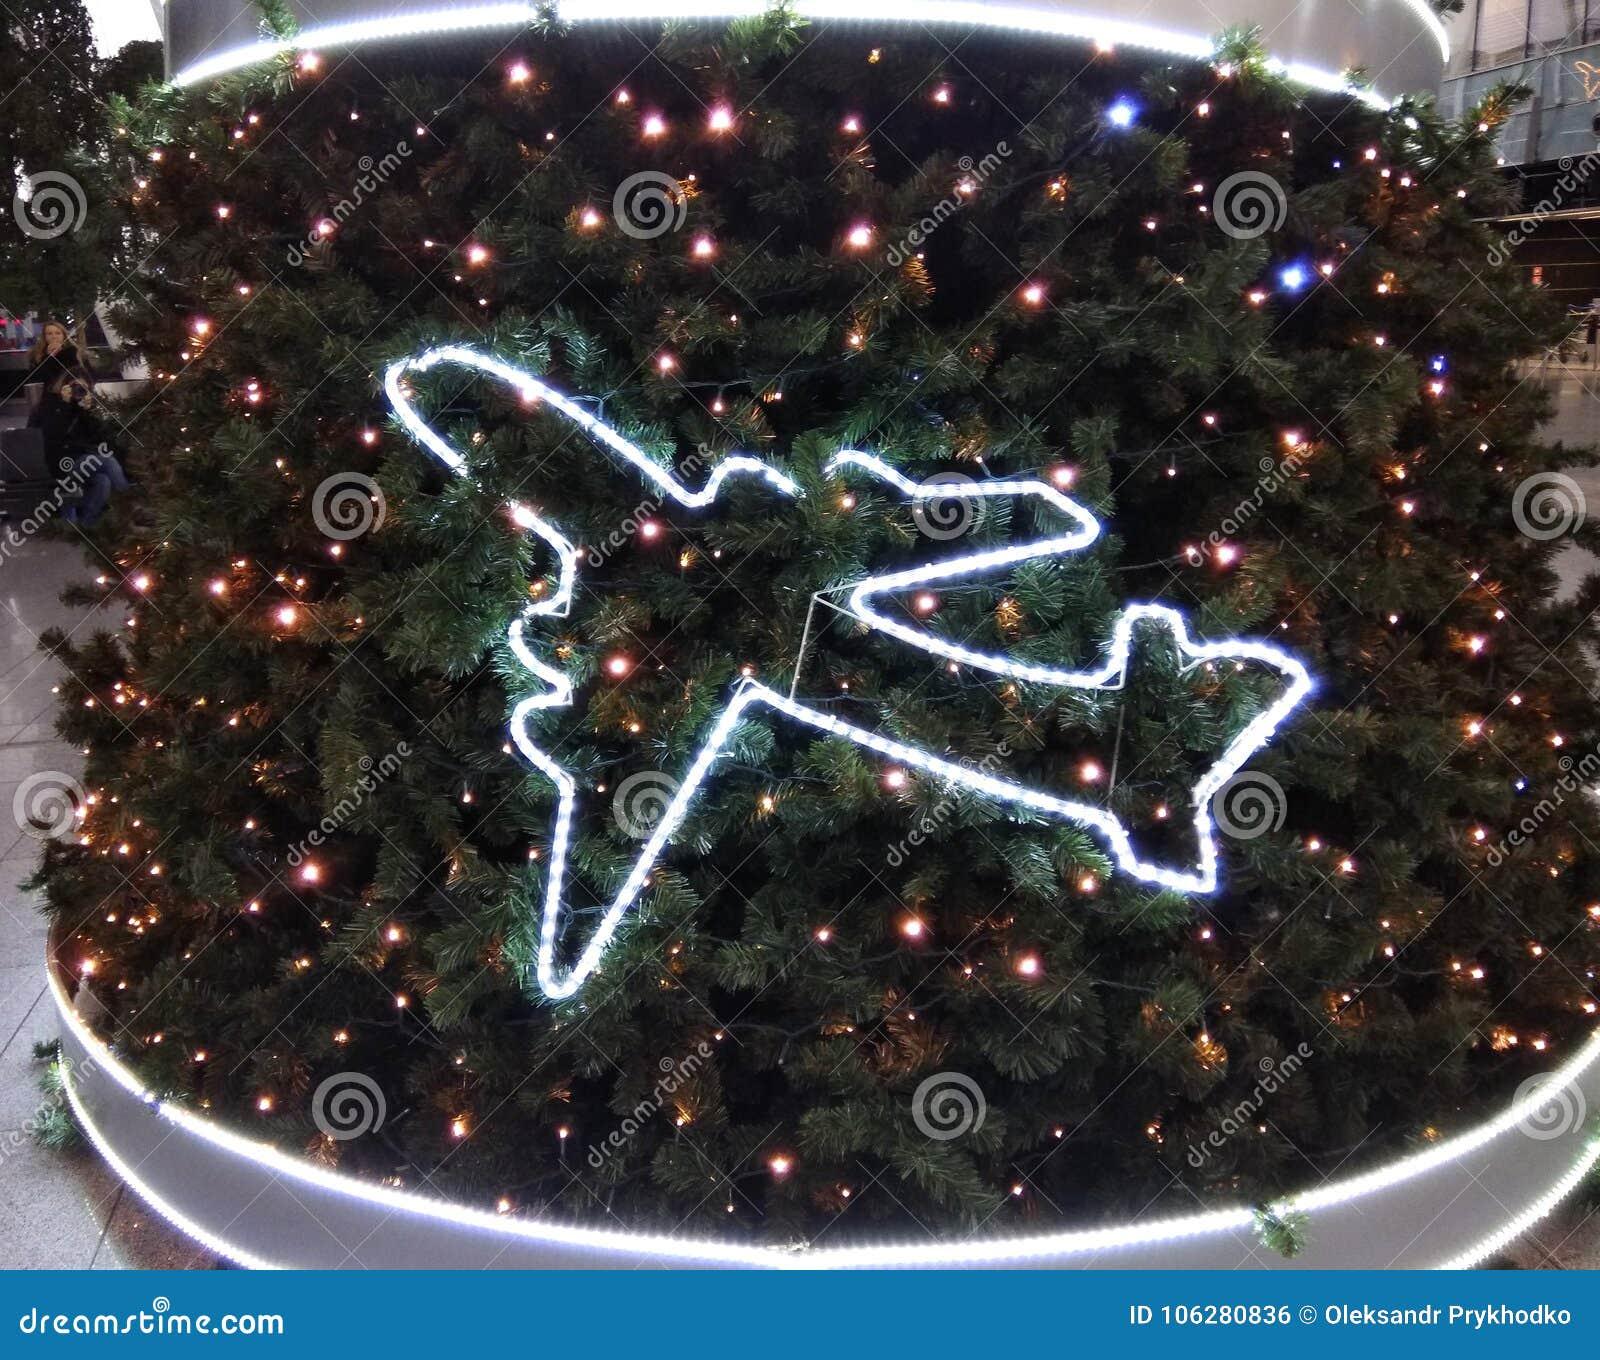 Neues Jahr ` s Baum verziert mit Flugzeugen